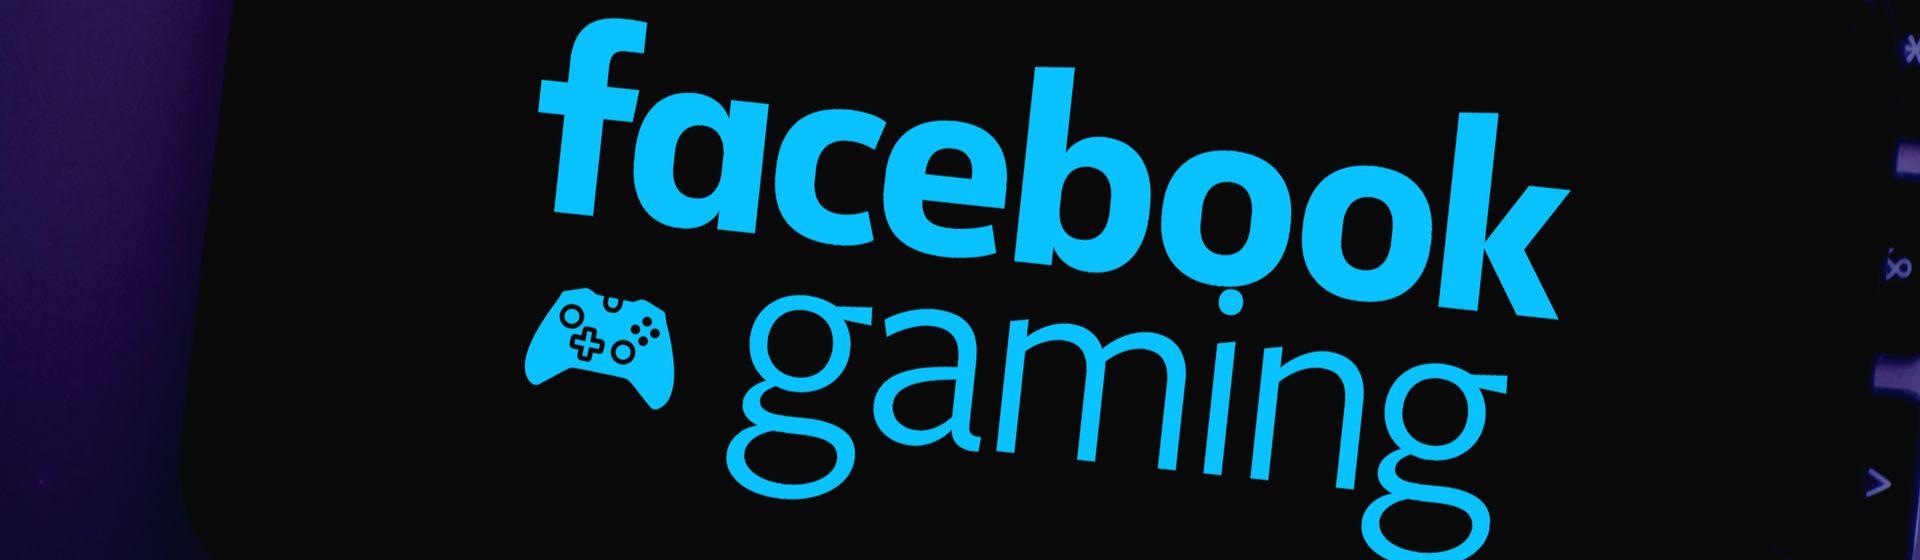 Facebook Gaming: o que é, como acessar e quais os prós e contras